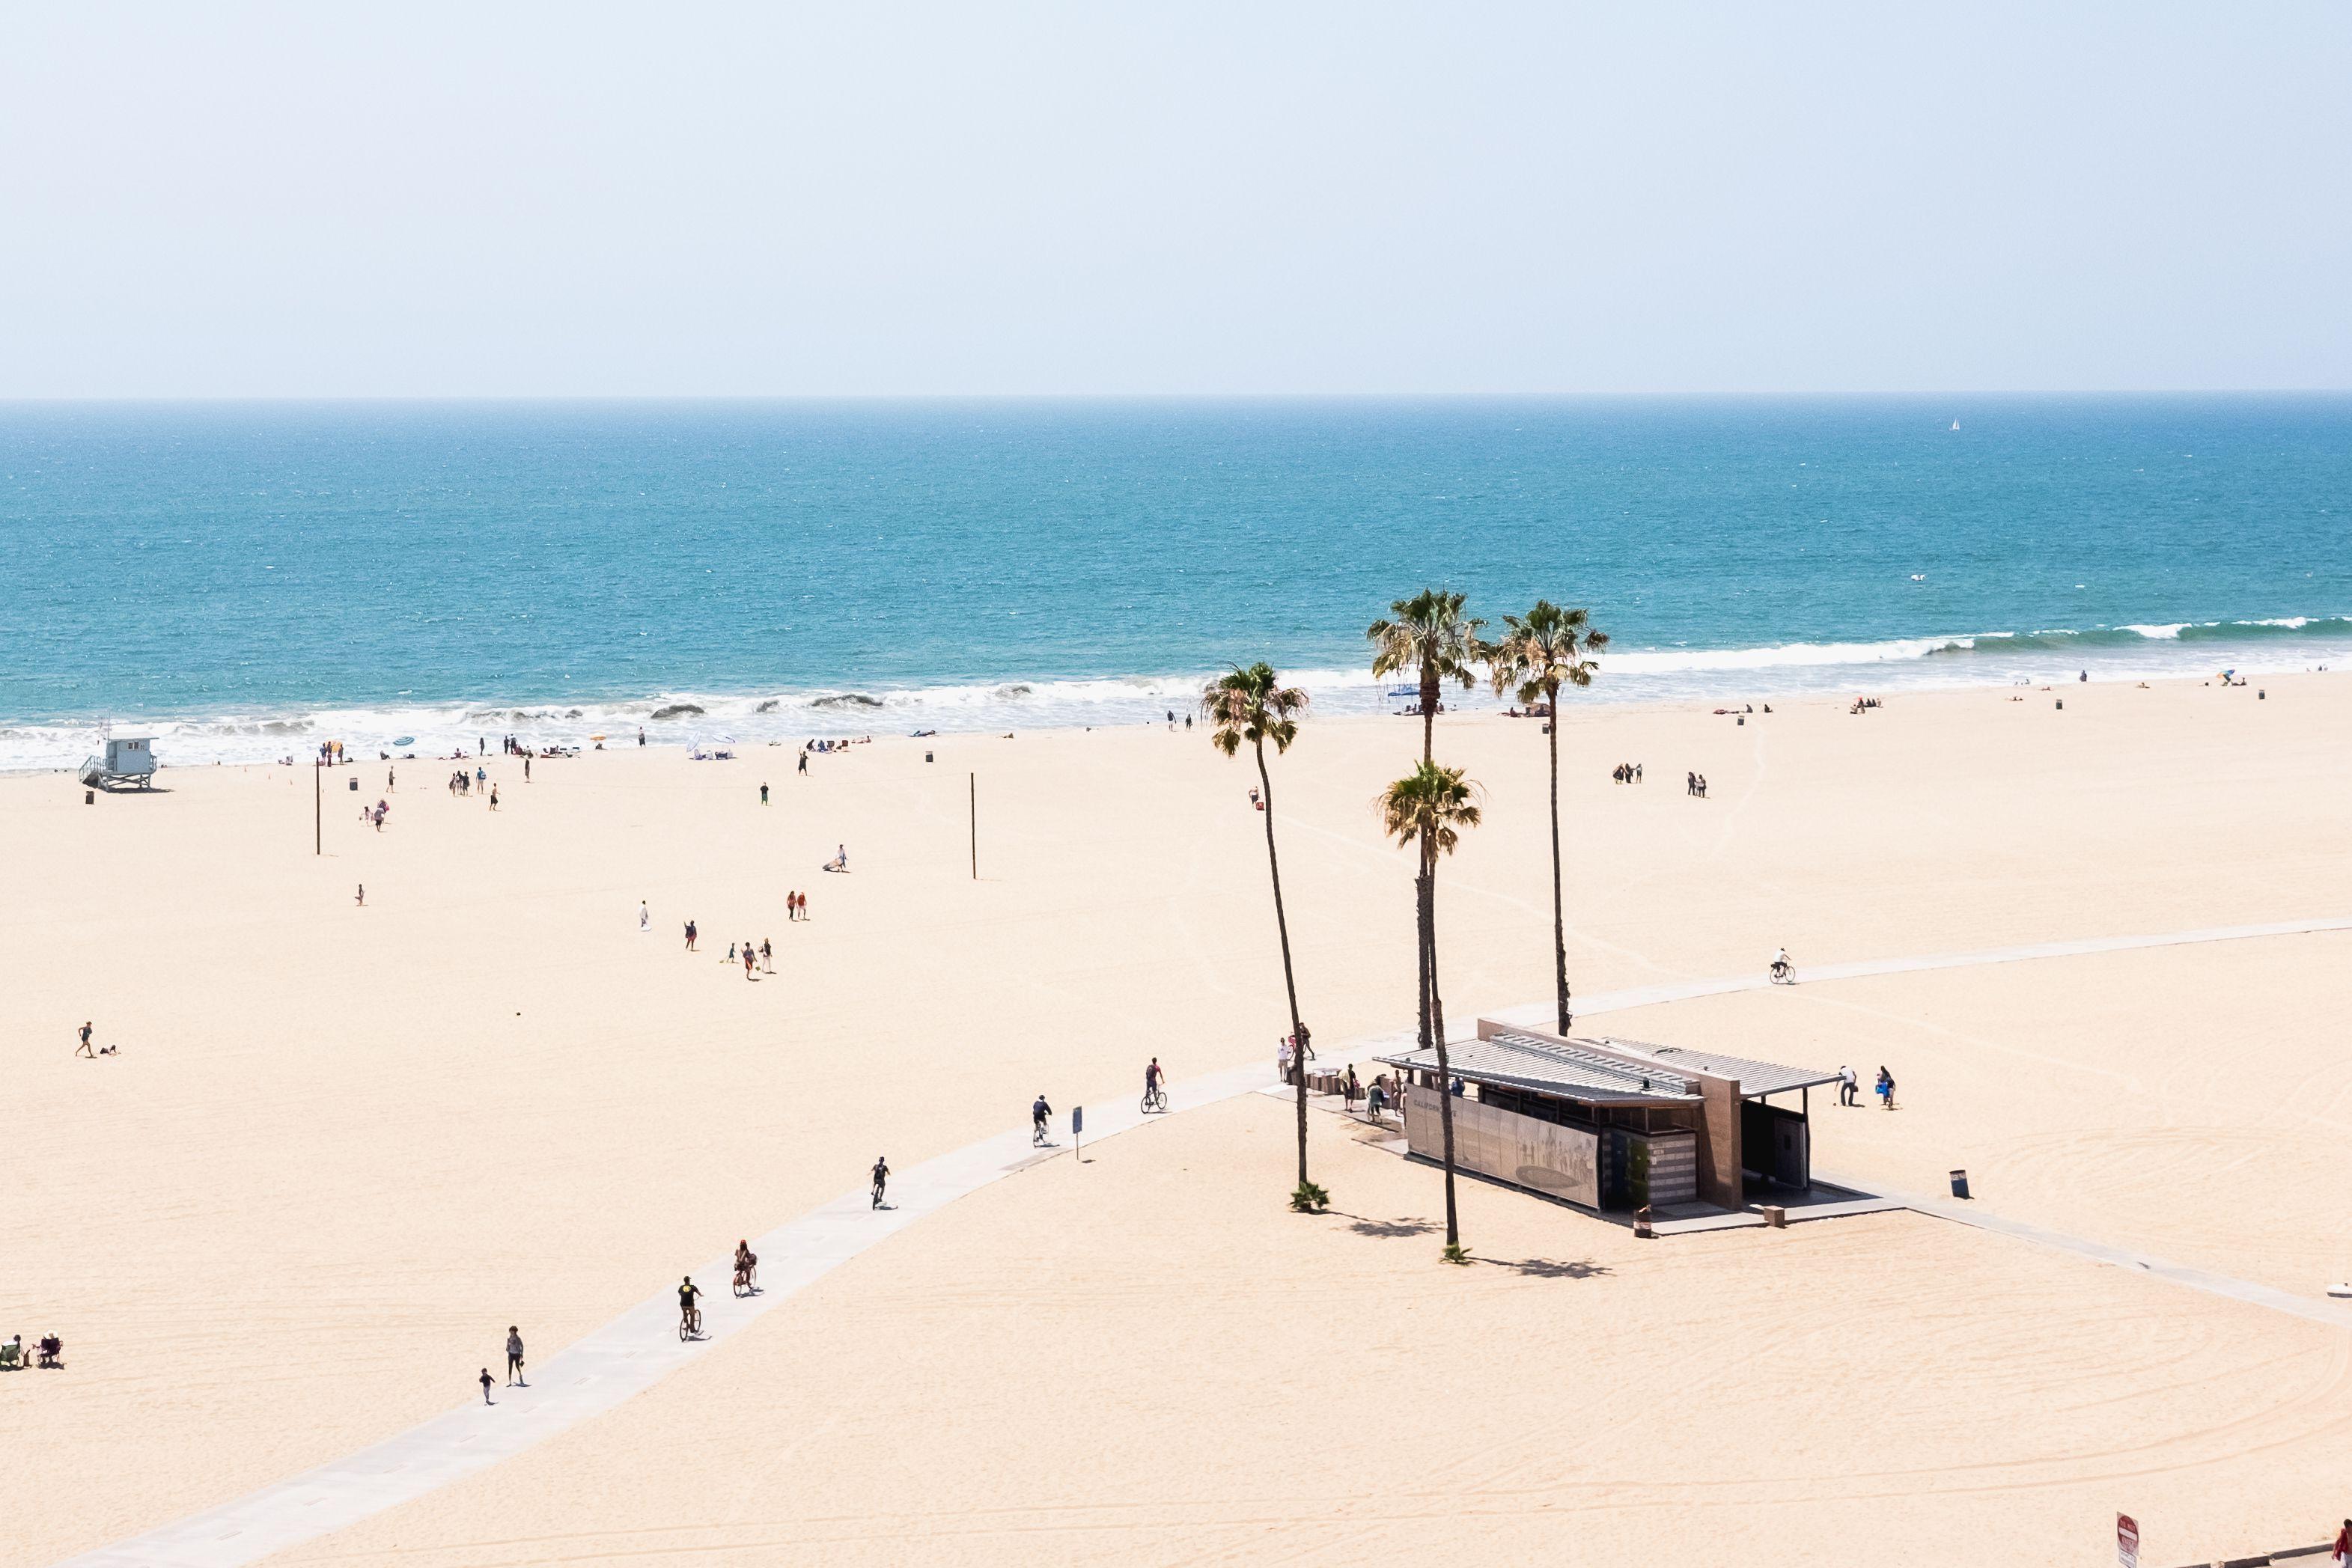 Santa Monica Beach The Complete Guide In 2020 Santa Monica Beach Santa Monica Los Angeles Beaches